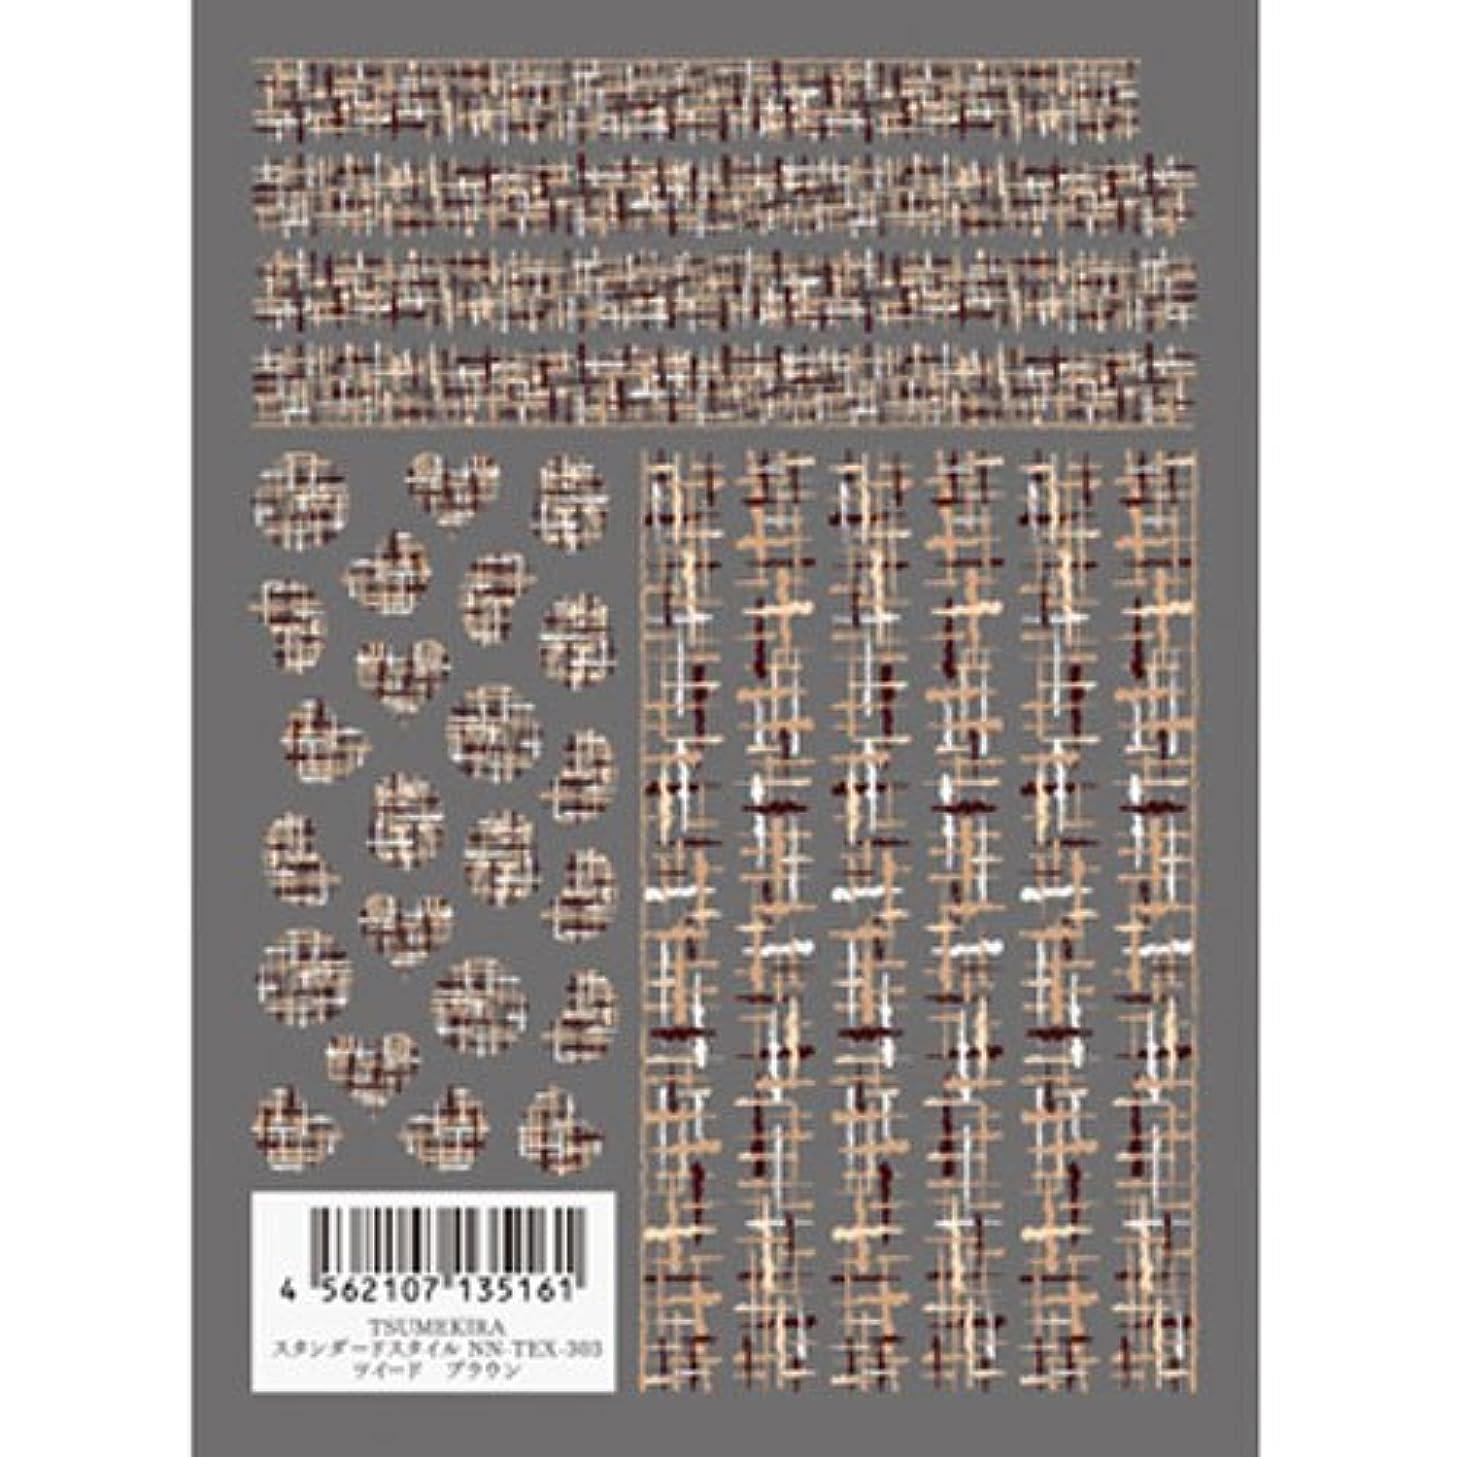 記憶切り刻む手書きTSUMEKIRA(ツメキラ) ネイルシール ツイード ブラウン NN-TEX-303 1枚